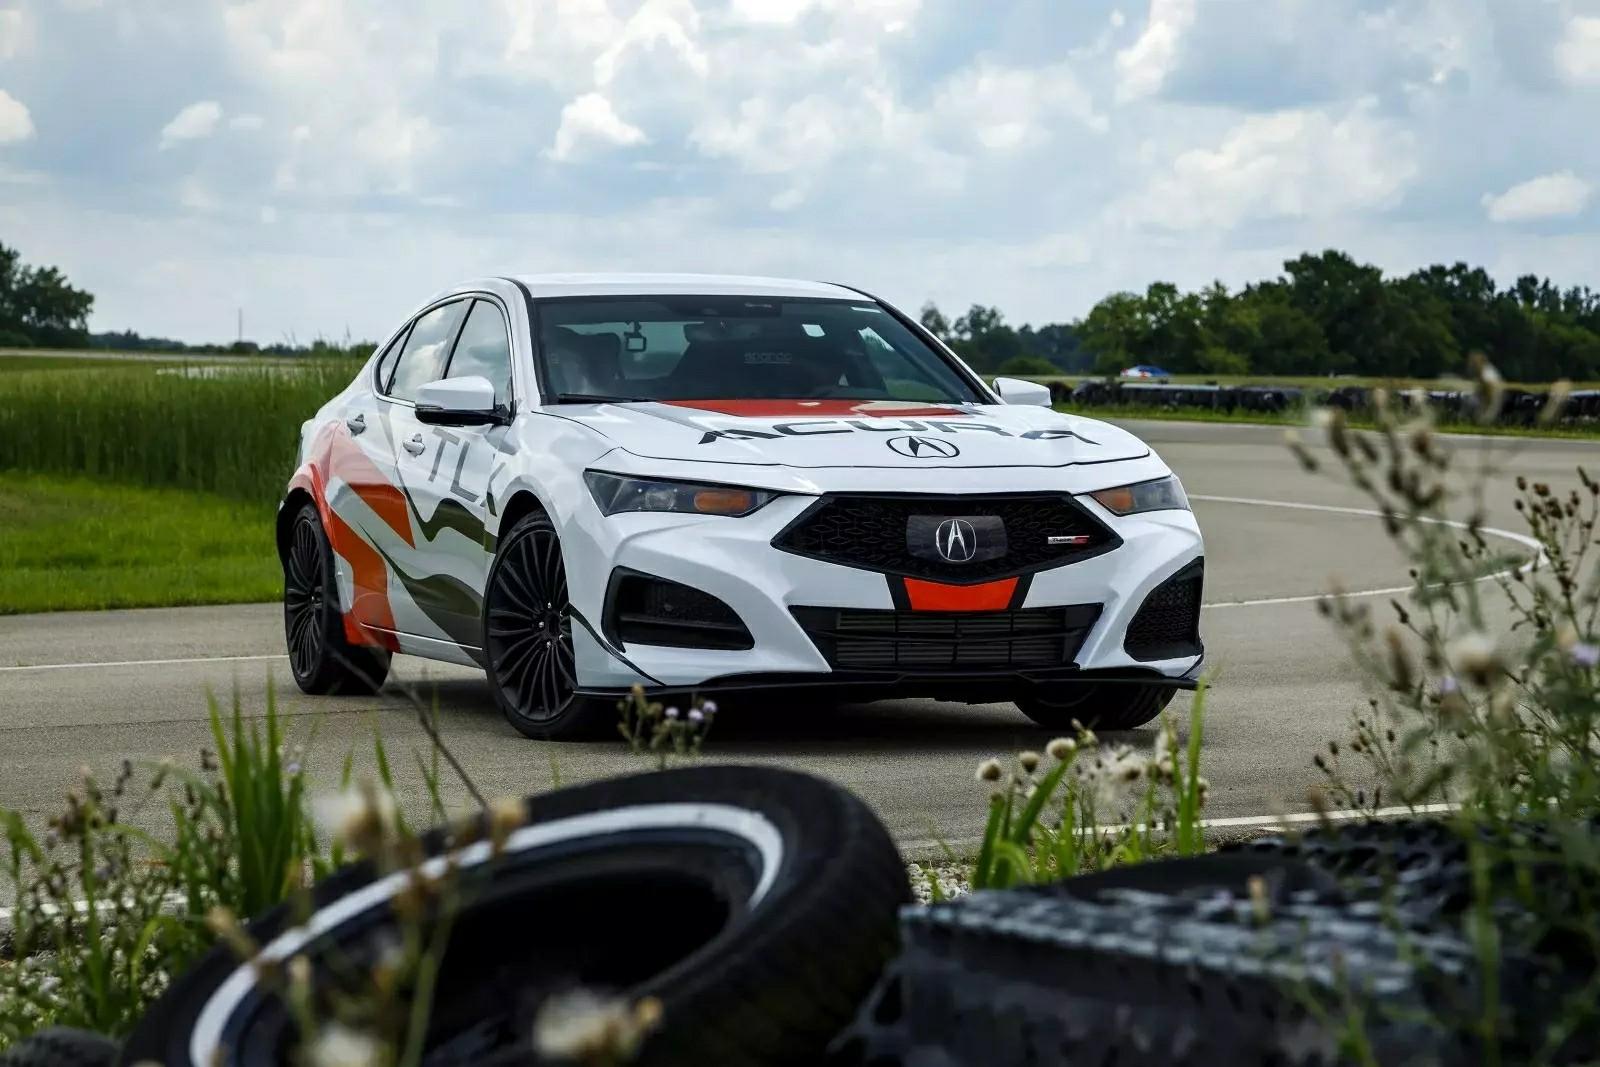 2021款讴歌TLX Type-S有可能成为紧凑型运动轿车领域的销量冠军